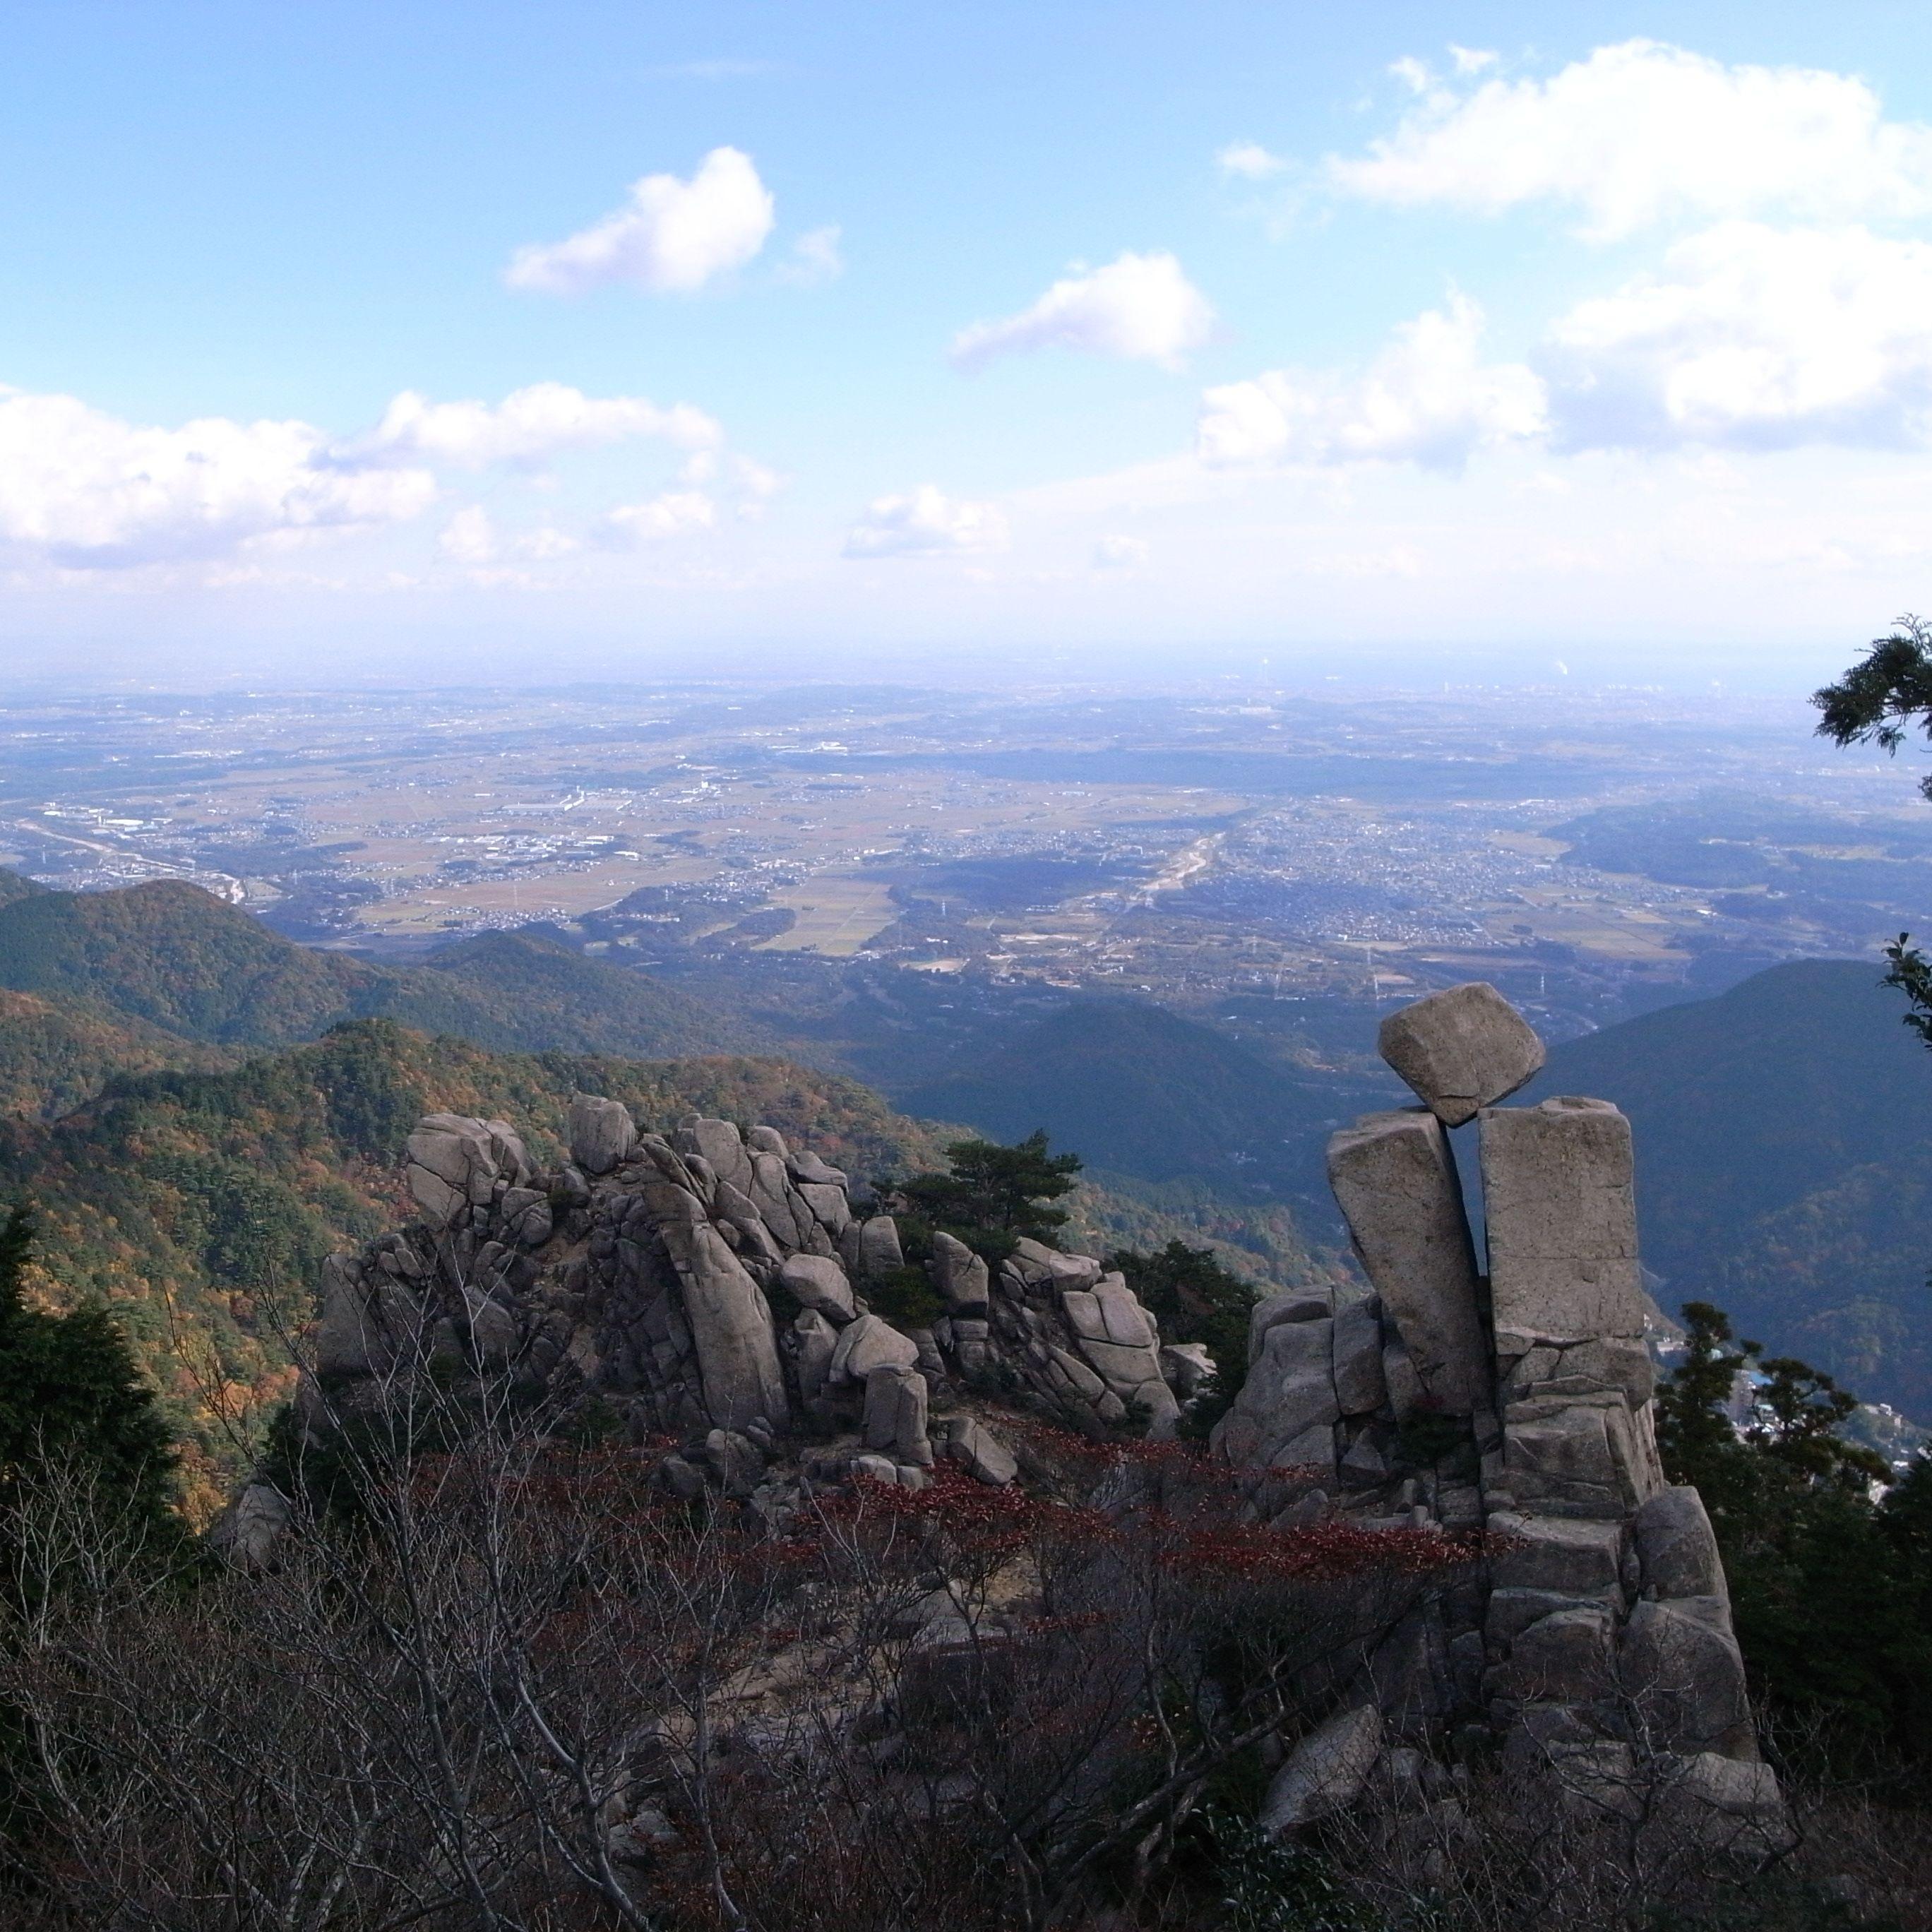 御在所岳 19. November 2008